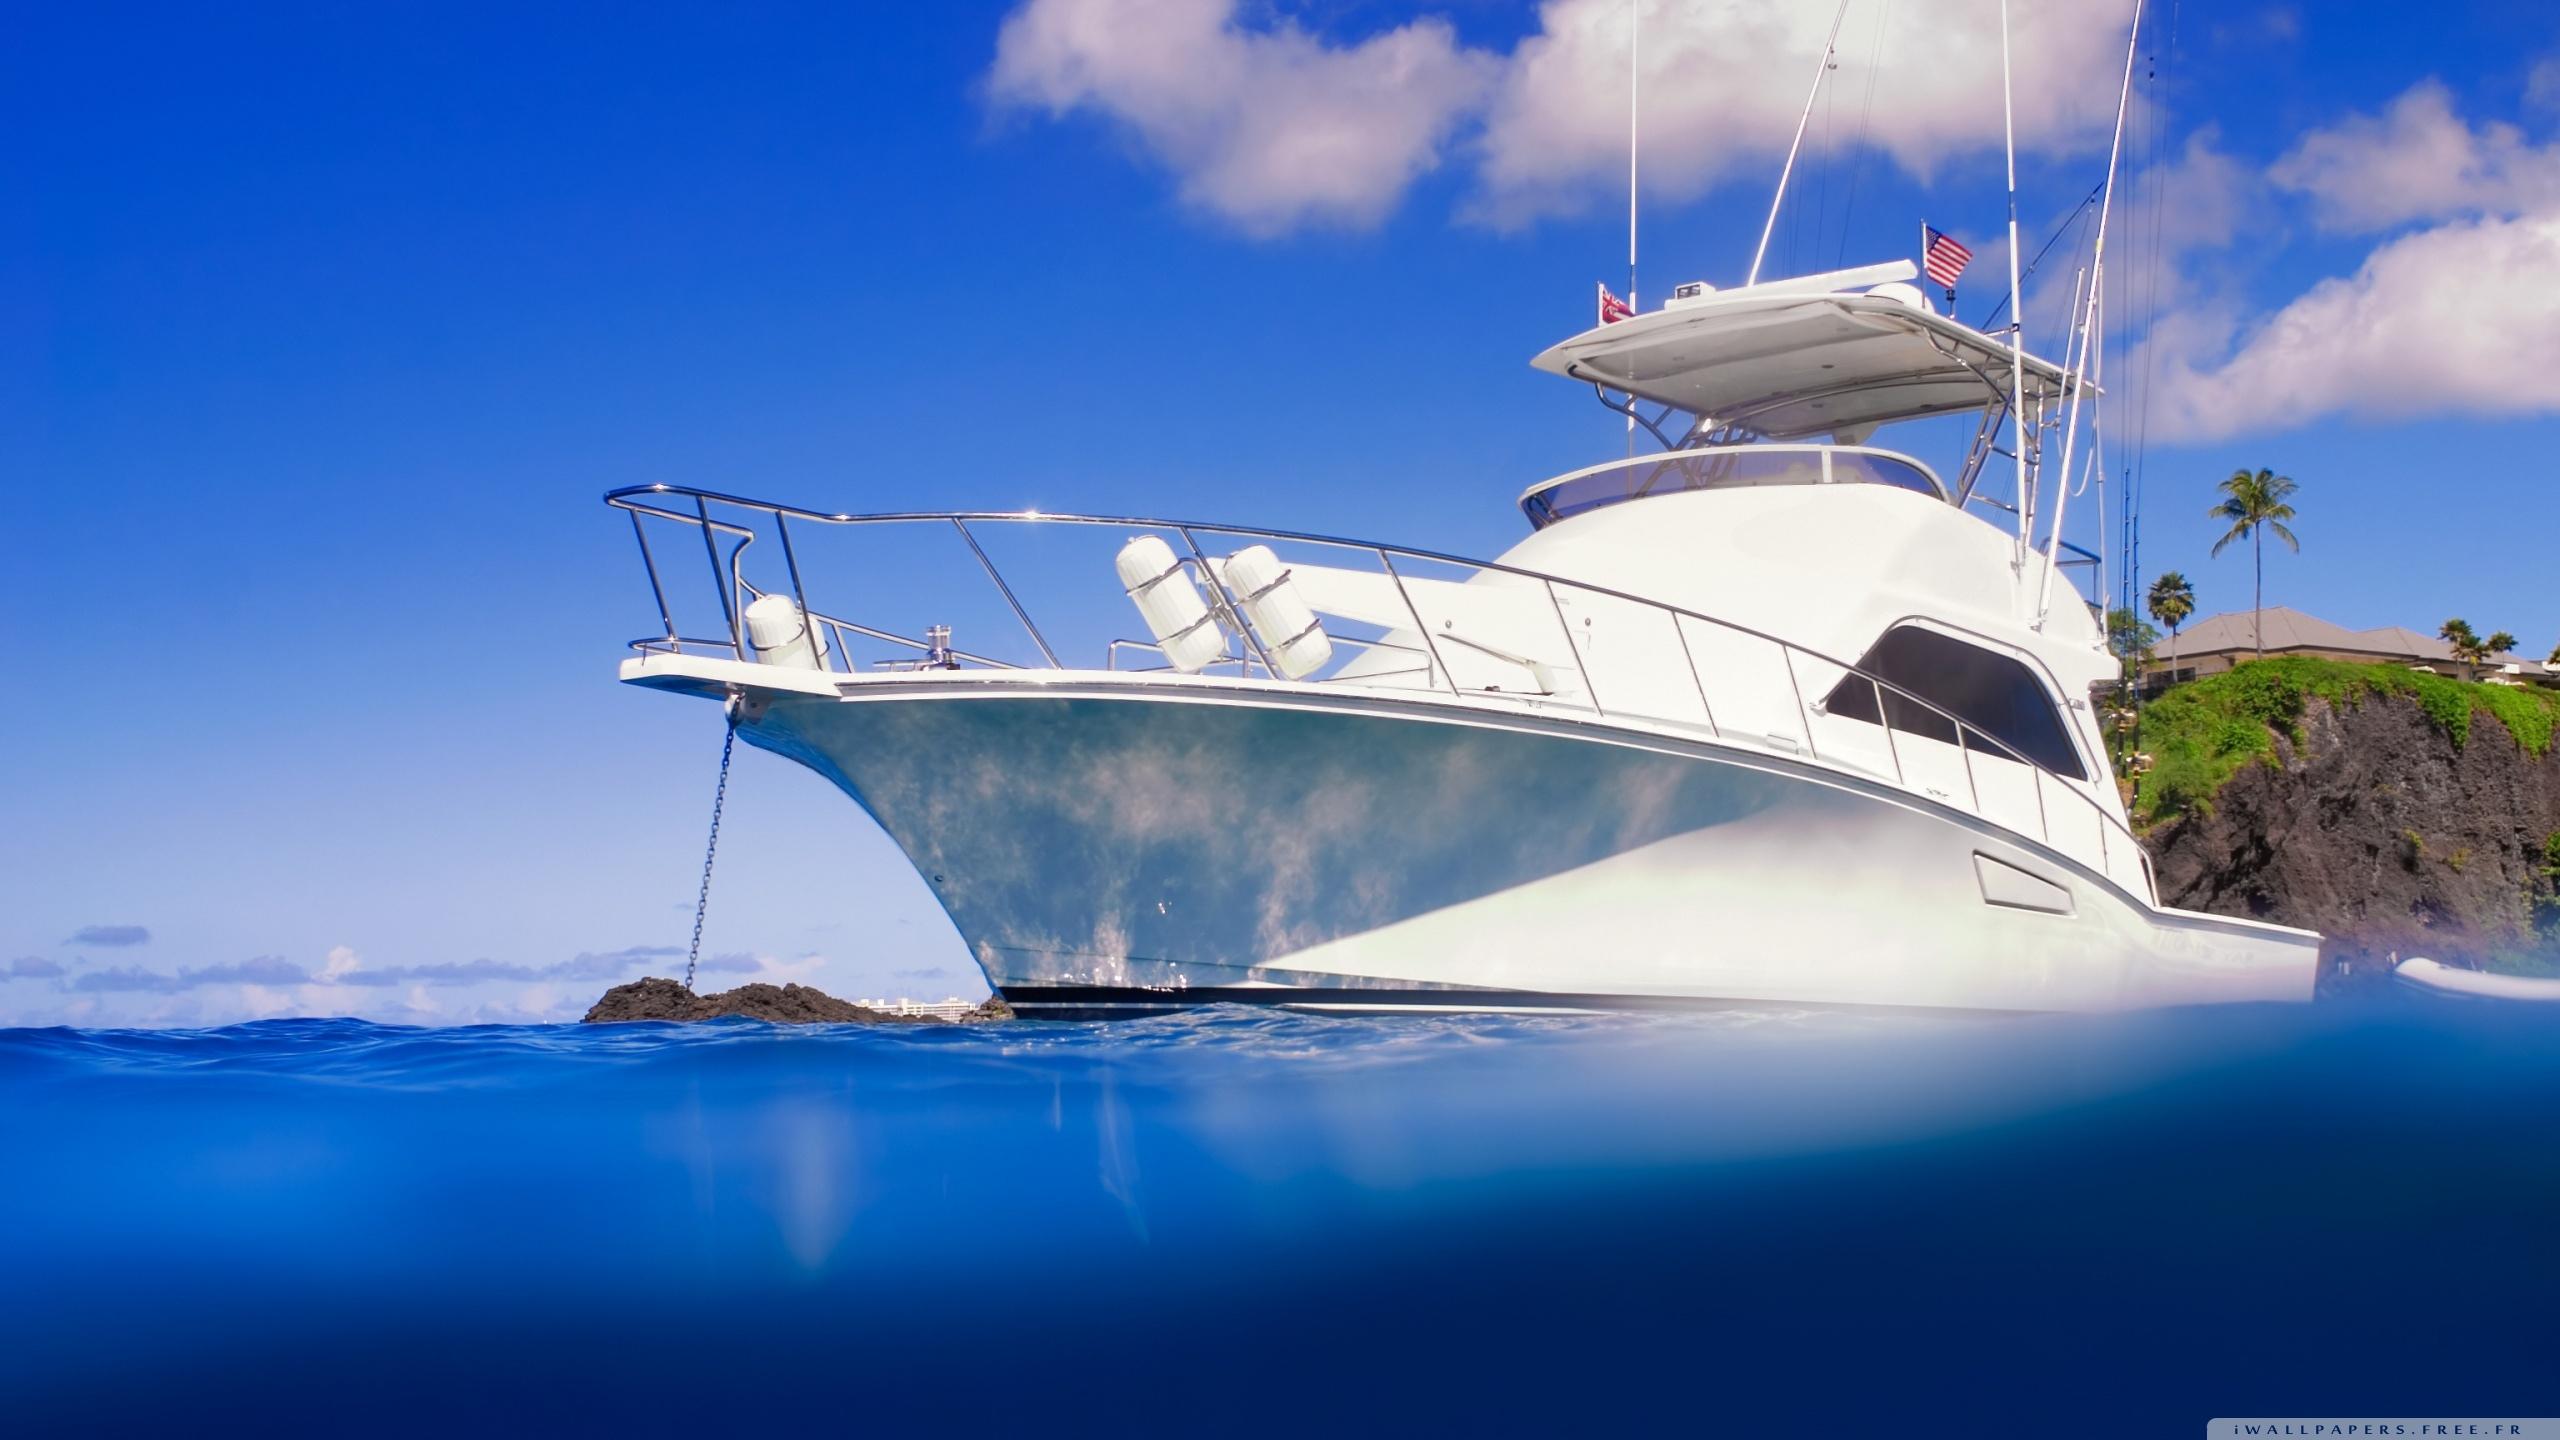 Yacht Clear Blue Ocean Wallpaper 2560x1440 10 000 Fonds D